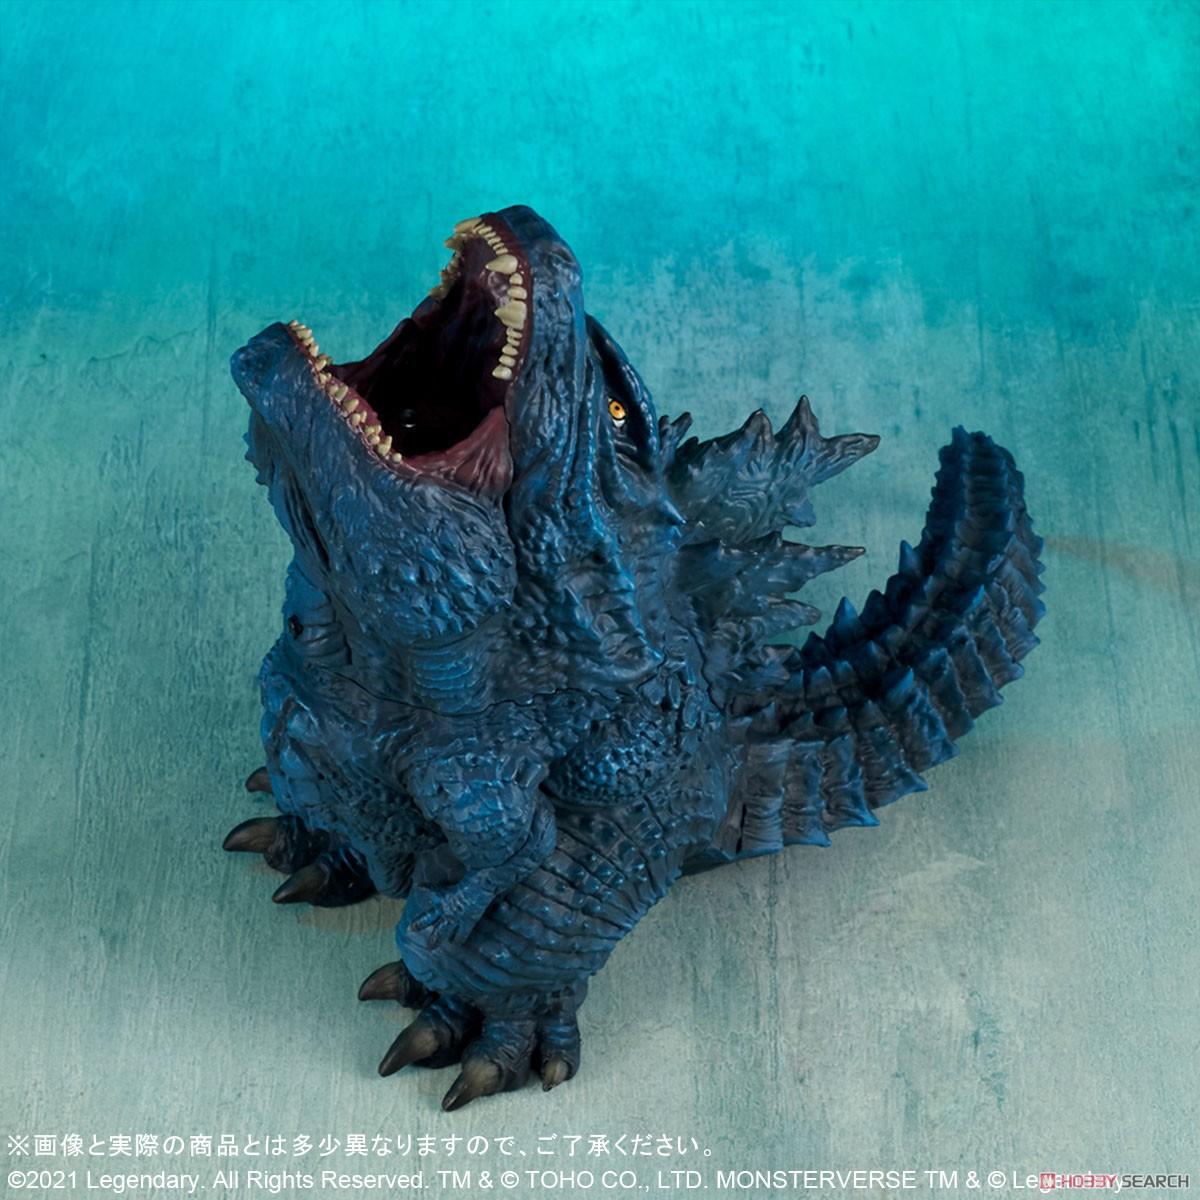 デフォリアル SFX『ゴジラ(2019)』キング・オブ・モンスターズ 完成品フィギュア-004